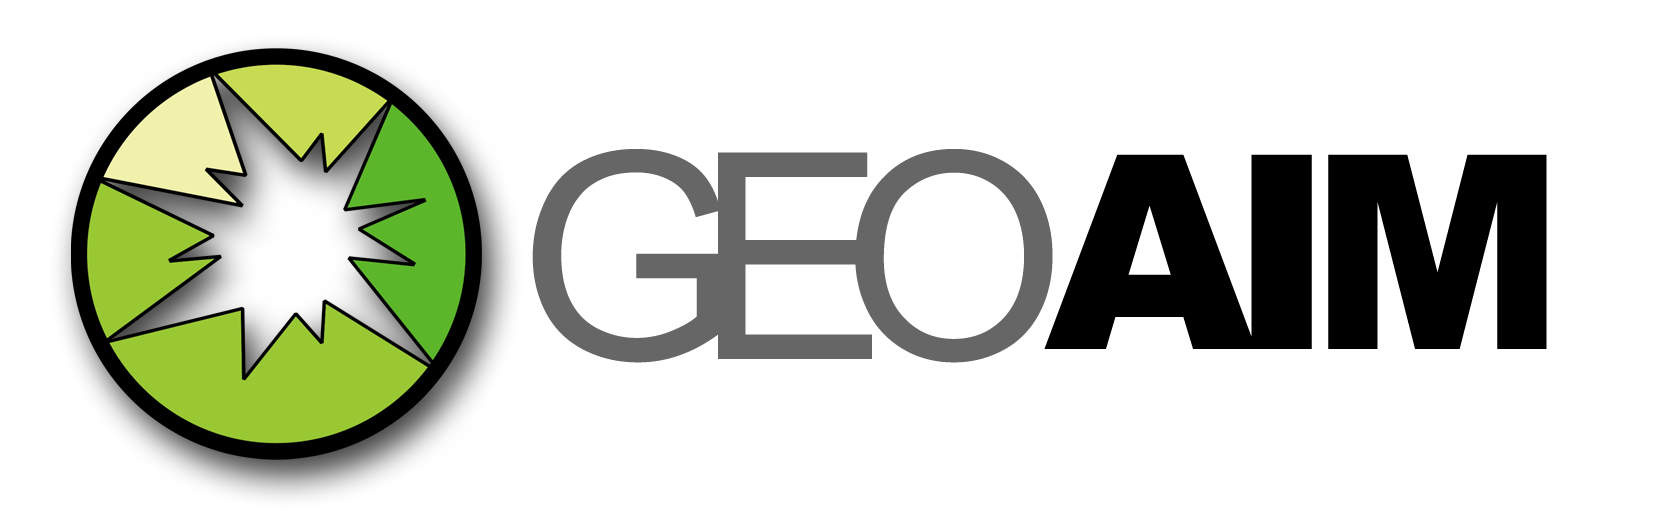 geoaim